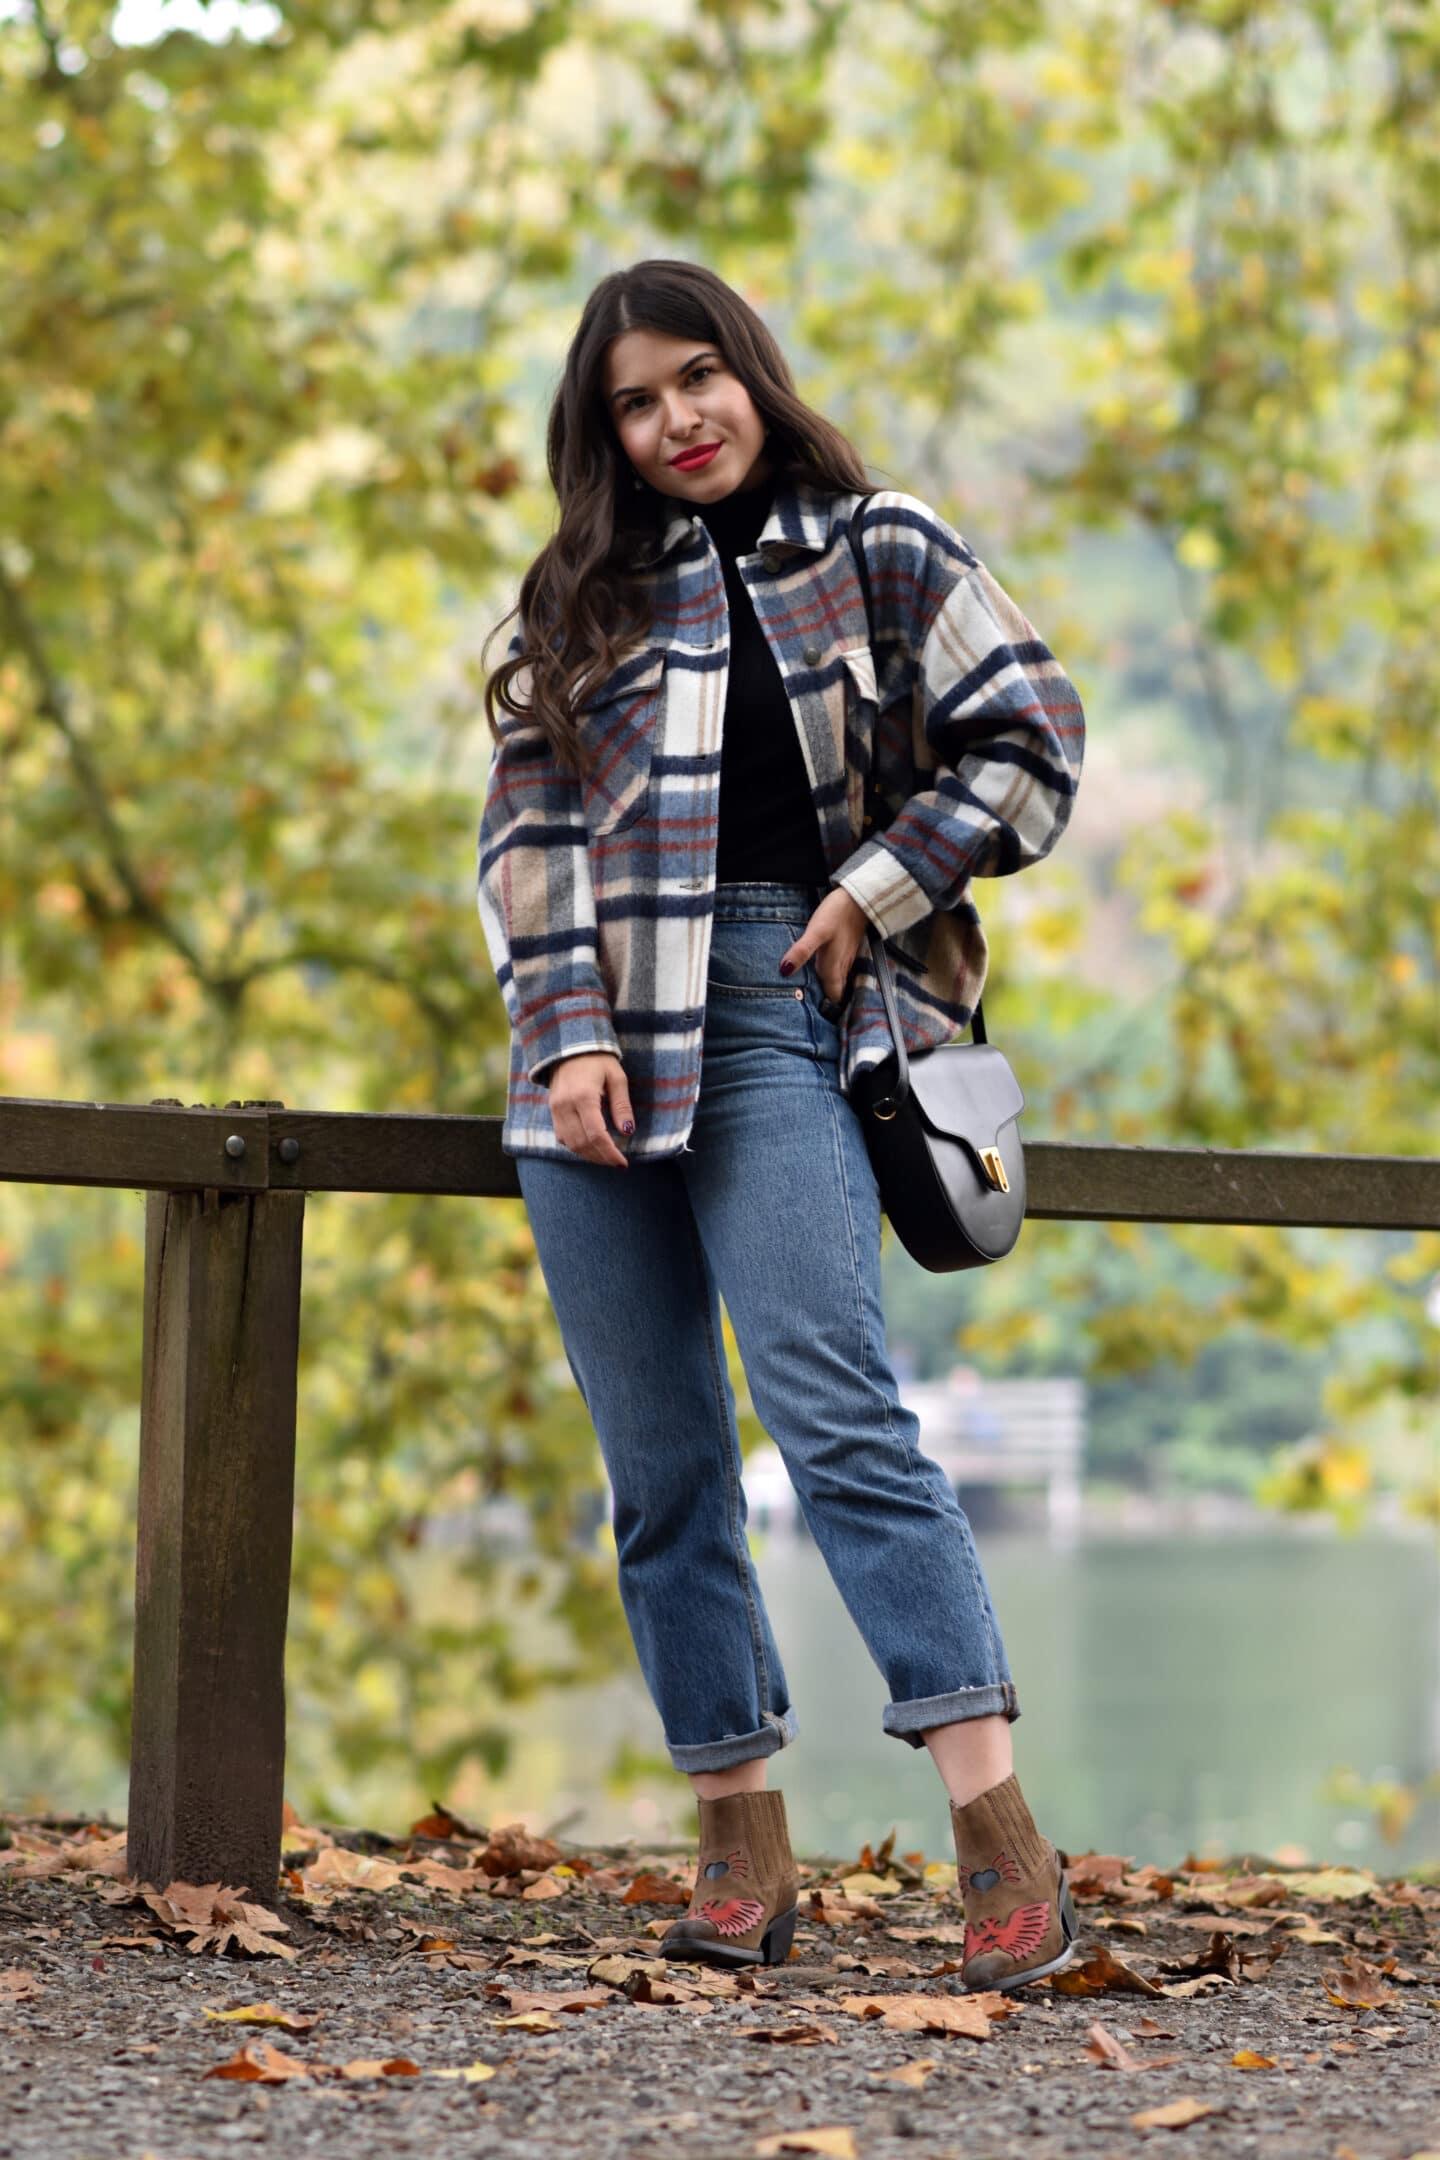 Shacket: Die Trend-Hemdjacke mit lässigen Streetstyle im Herbst